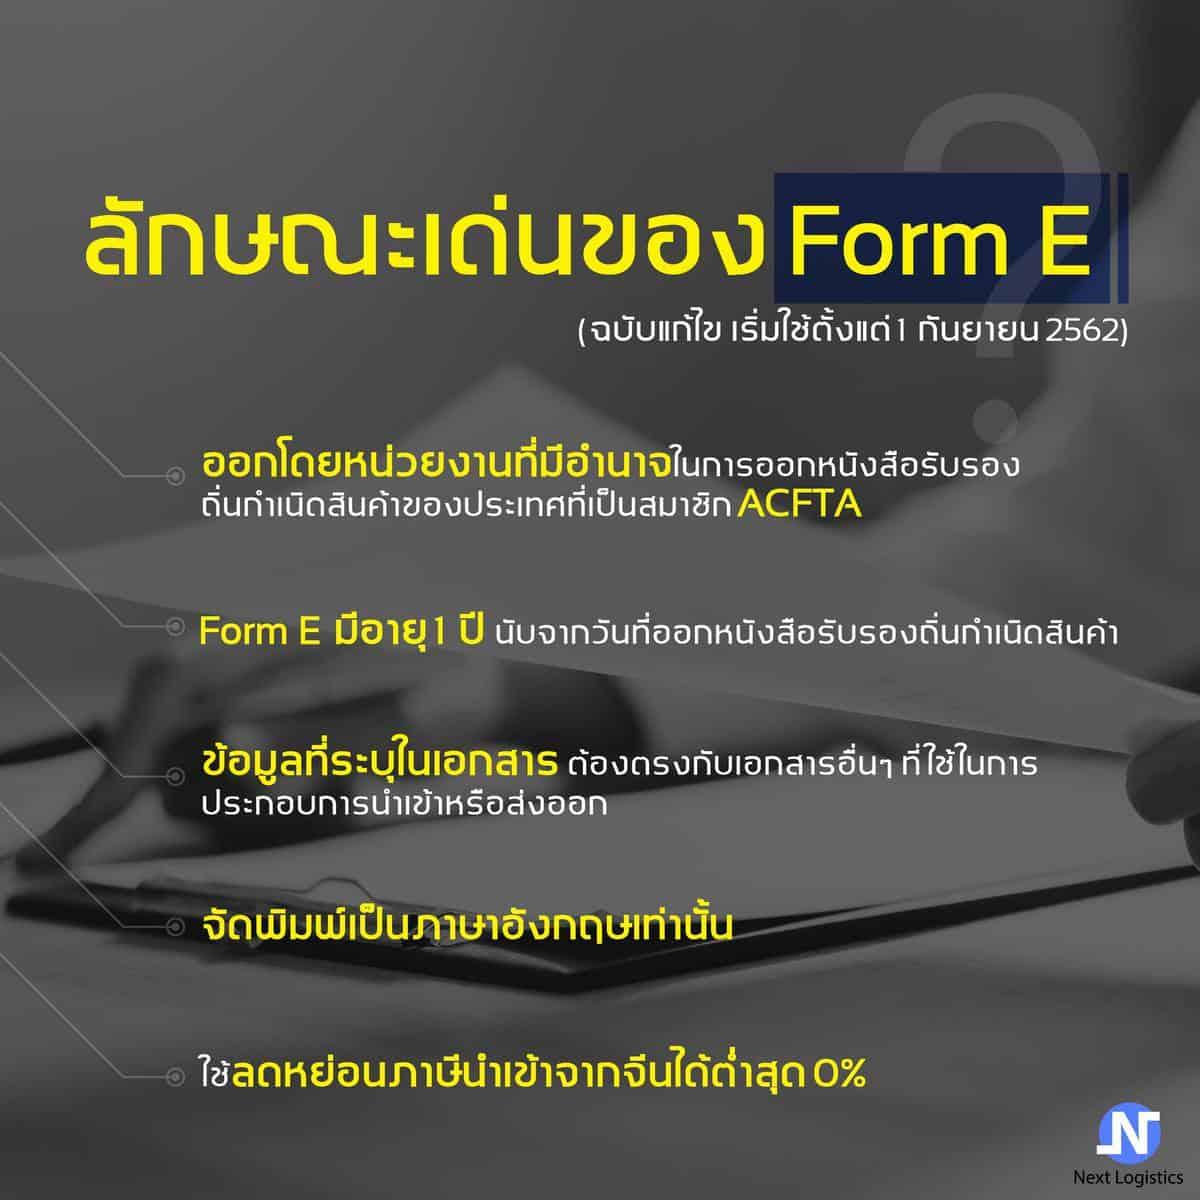 ลักษณะเด่นของ Form E nextlogistics form e Form E แบบไหนลดหย่อนภาษีได้ และลดหย่อนภาษีไม่ได้?                                         Form E nextlogistics